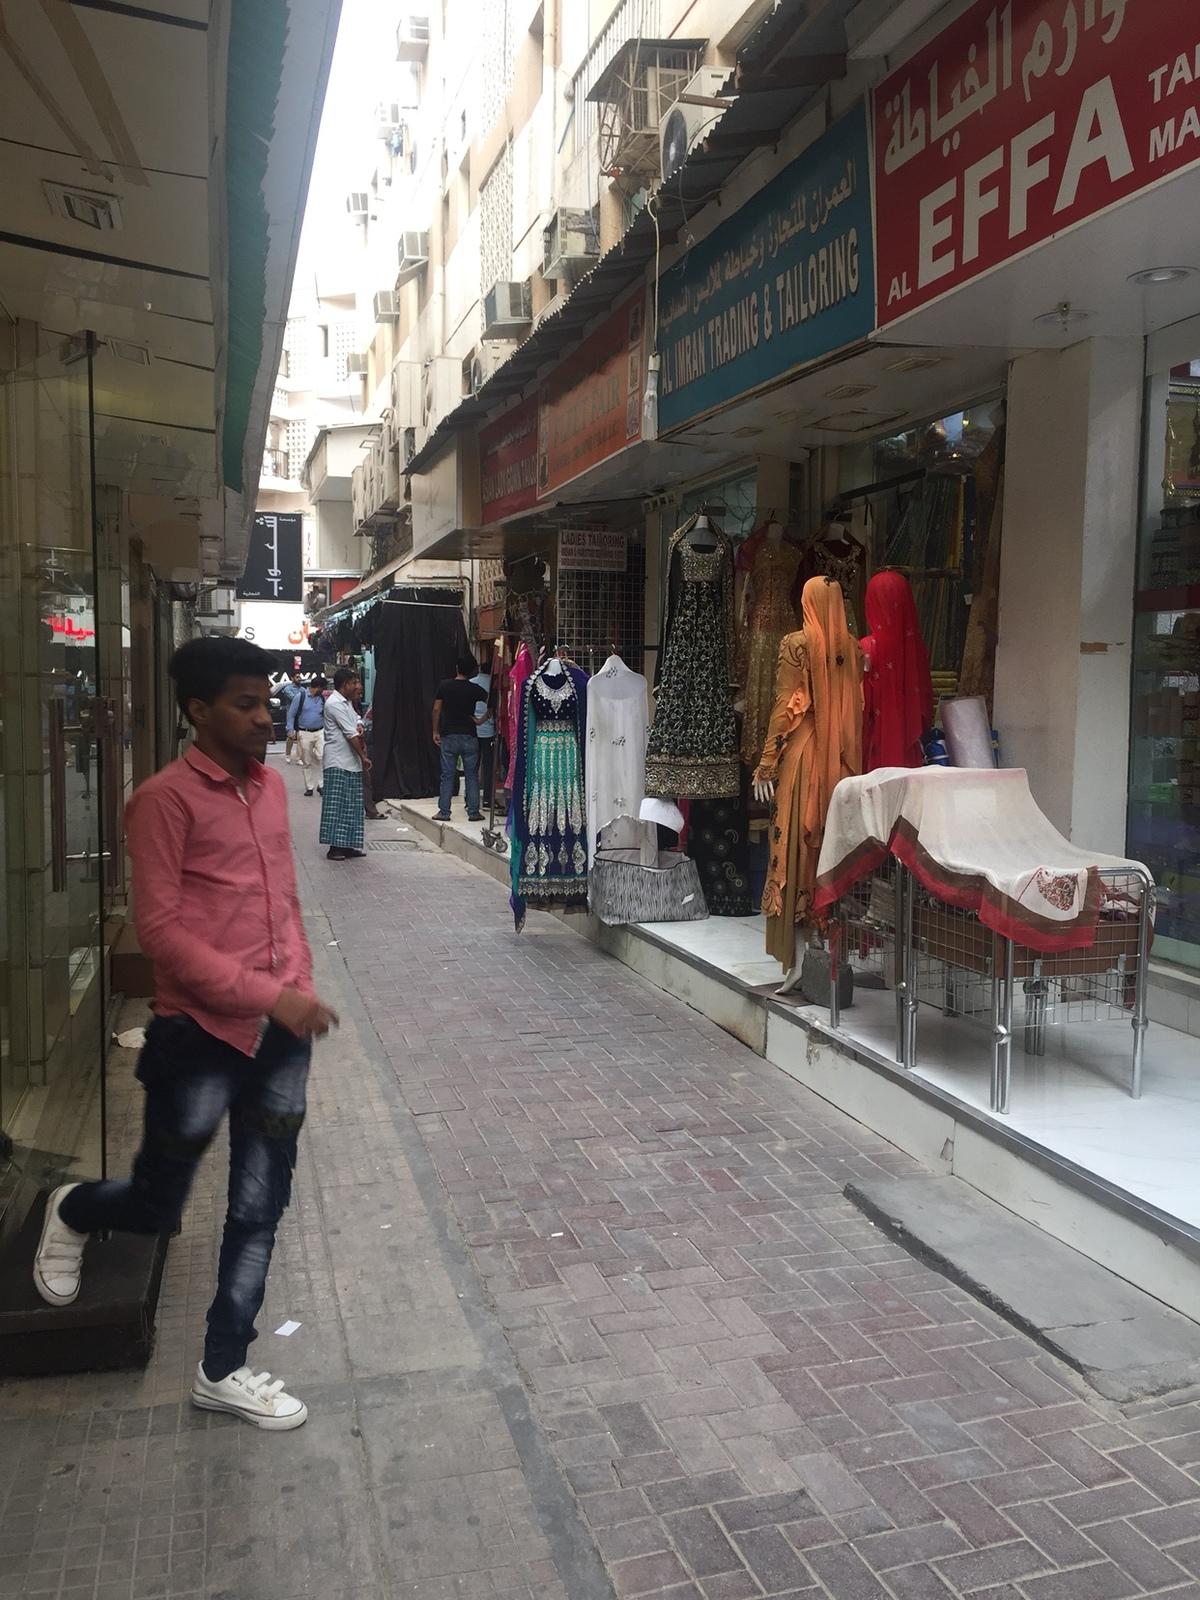 661577 المسافرون العرب دبي مدينة الجميرا